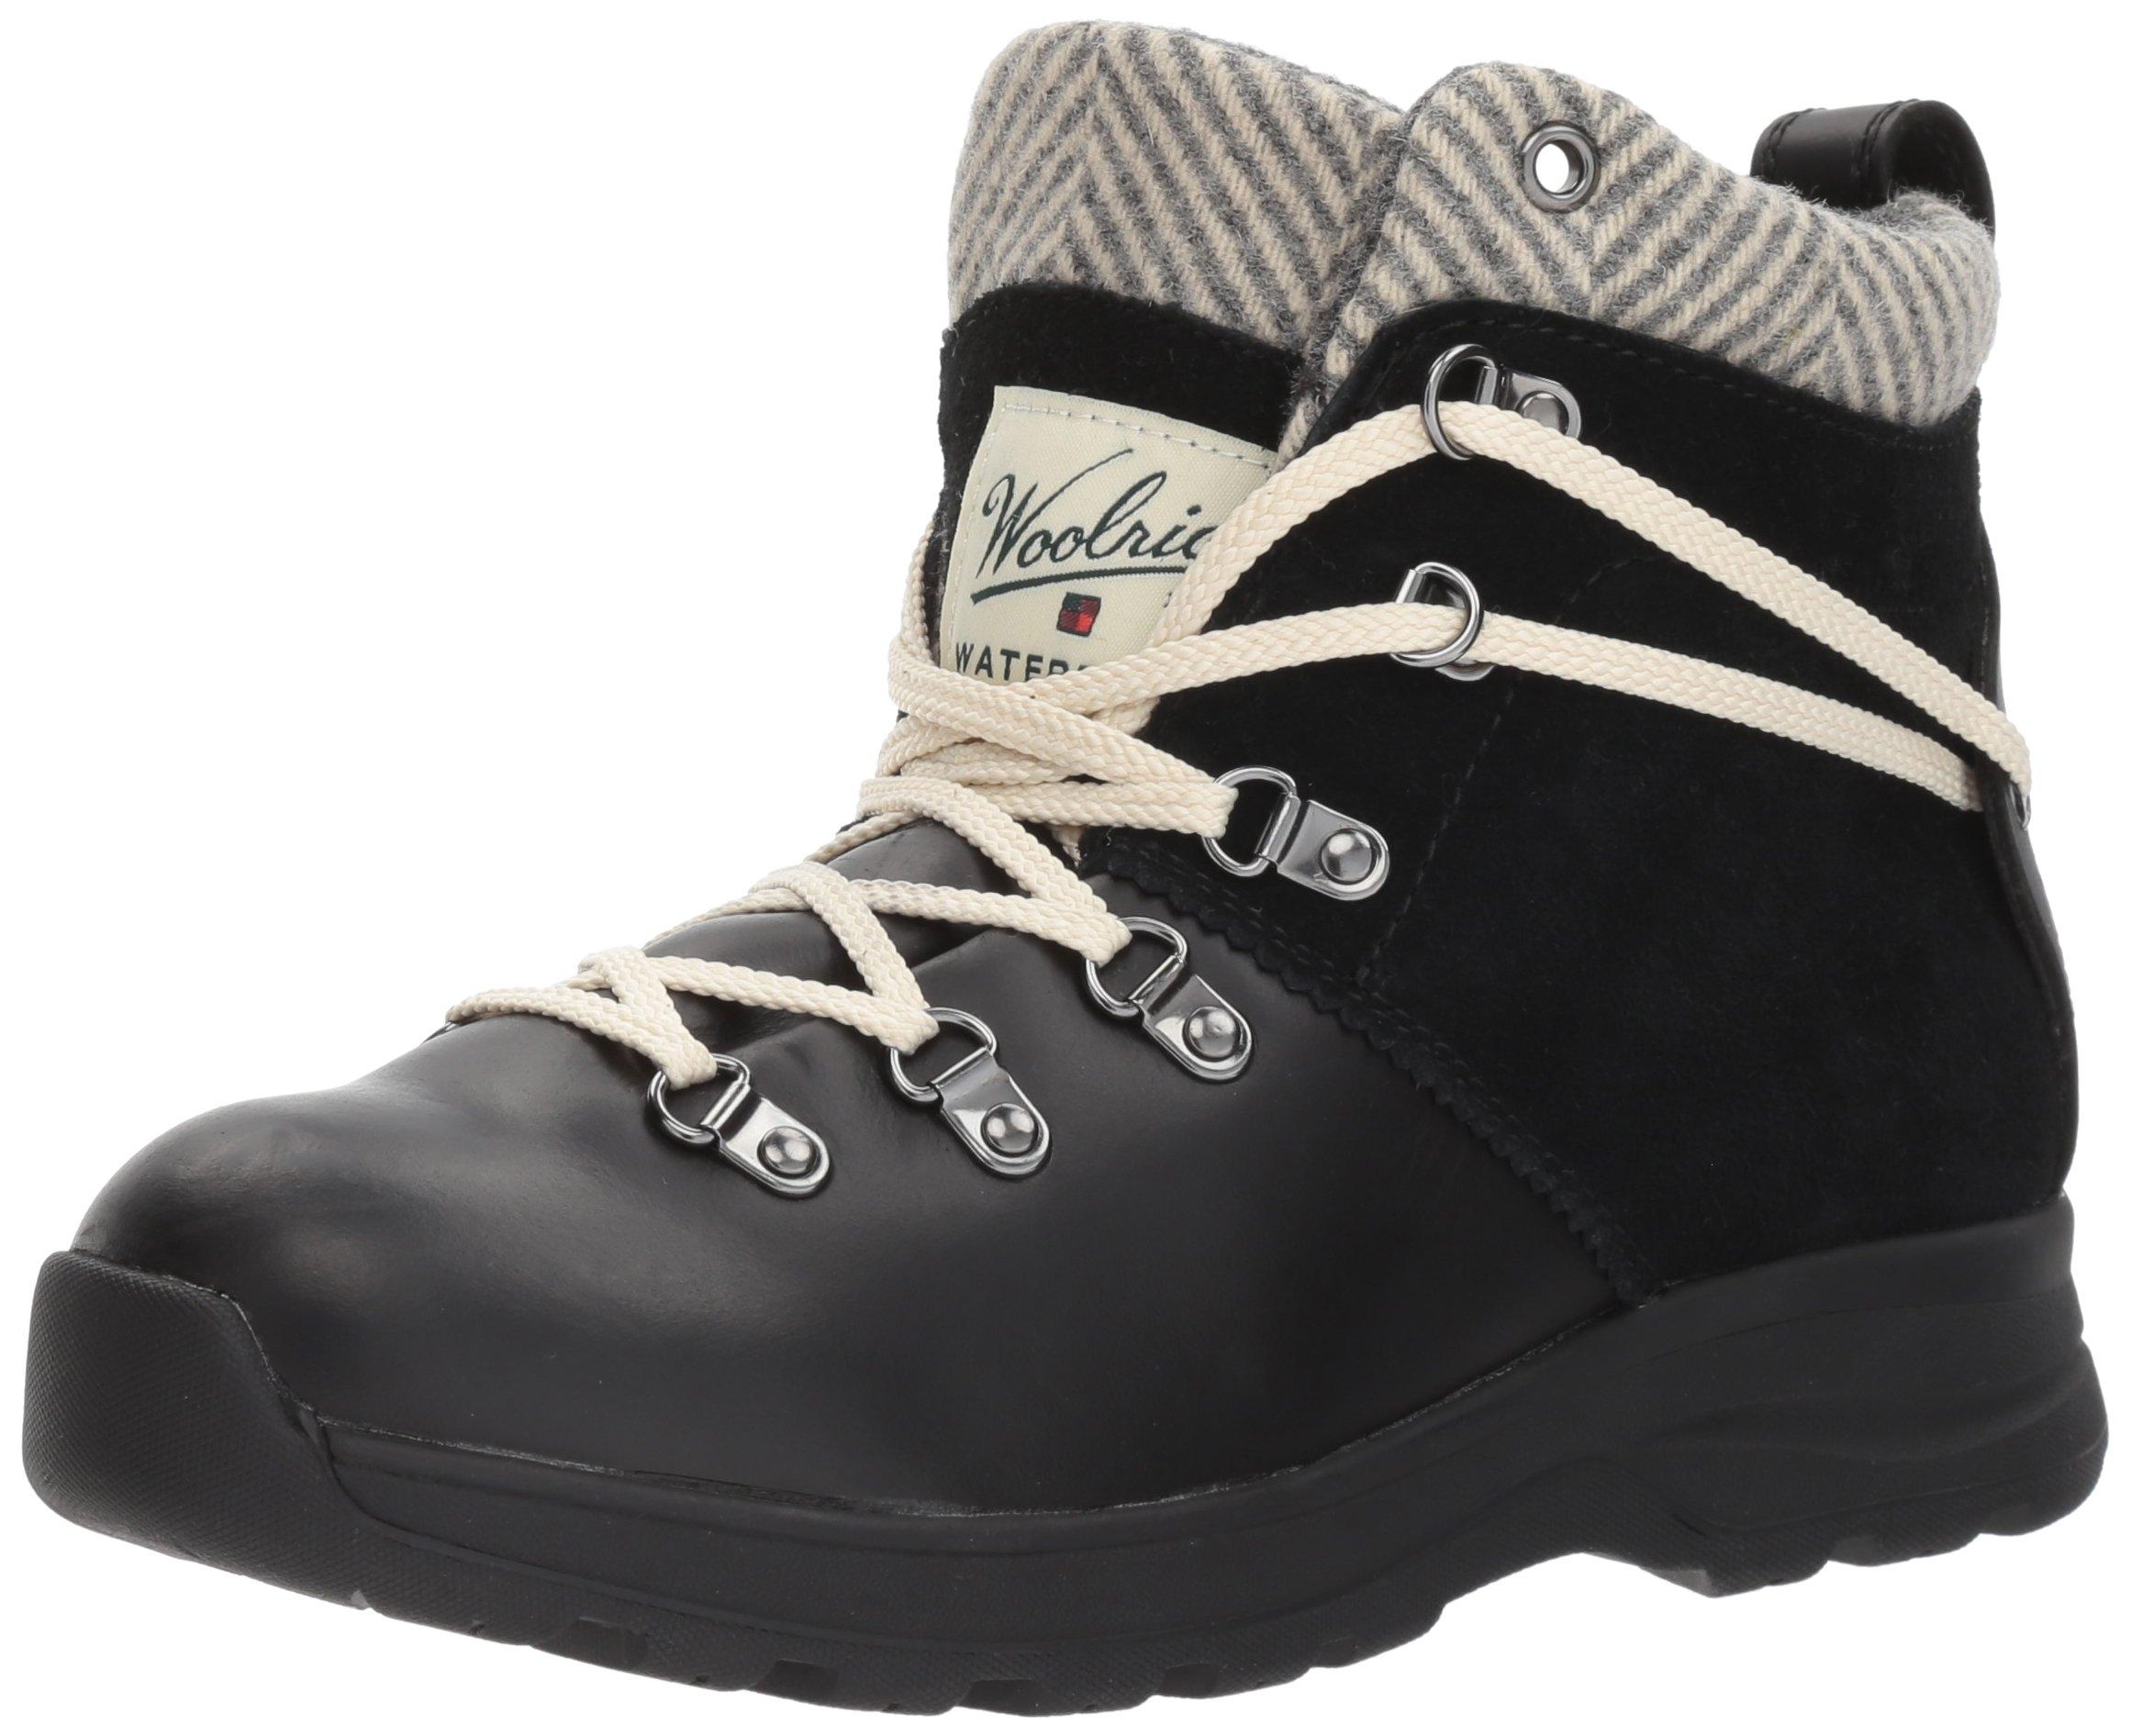 Woolrich Women's Rockies Ii Winter Boot, Black/Herringbone, 8.5 M US